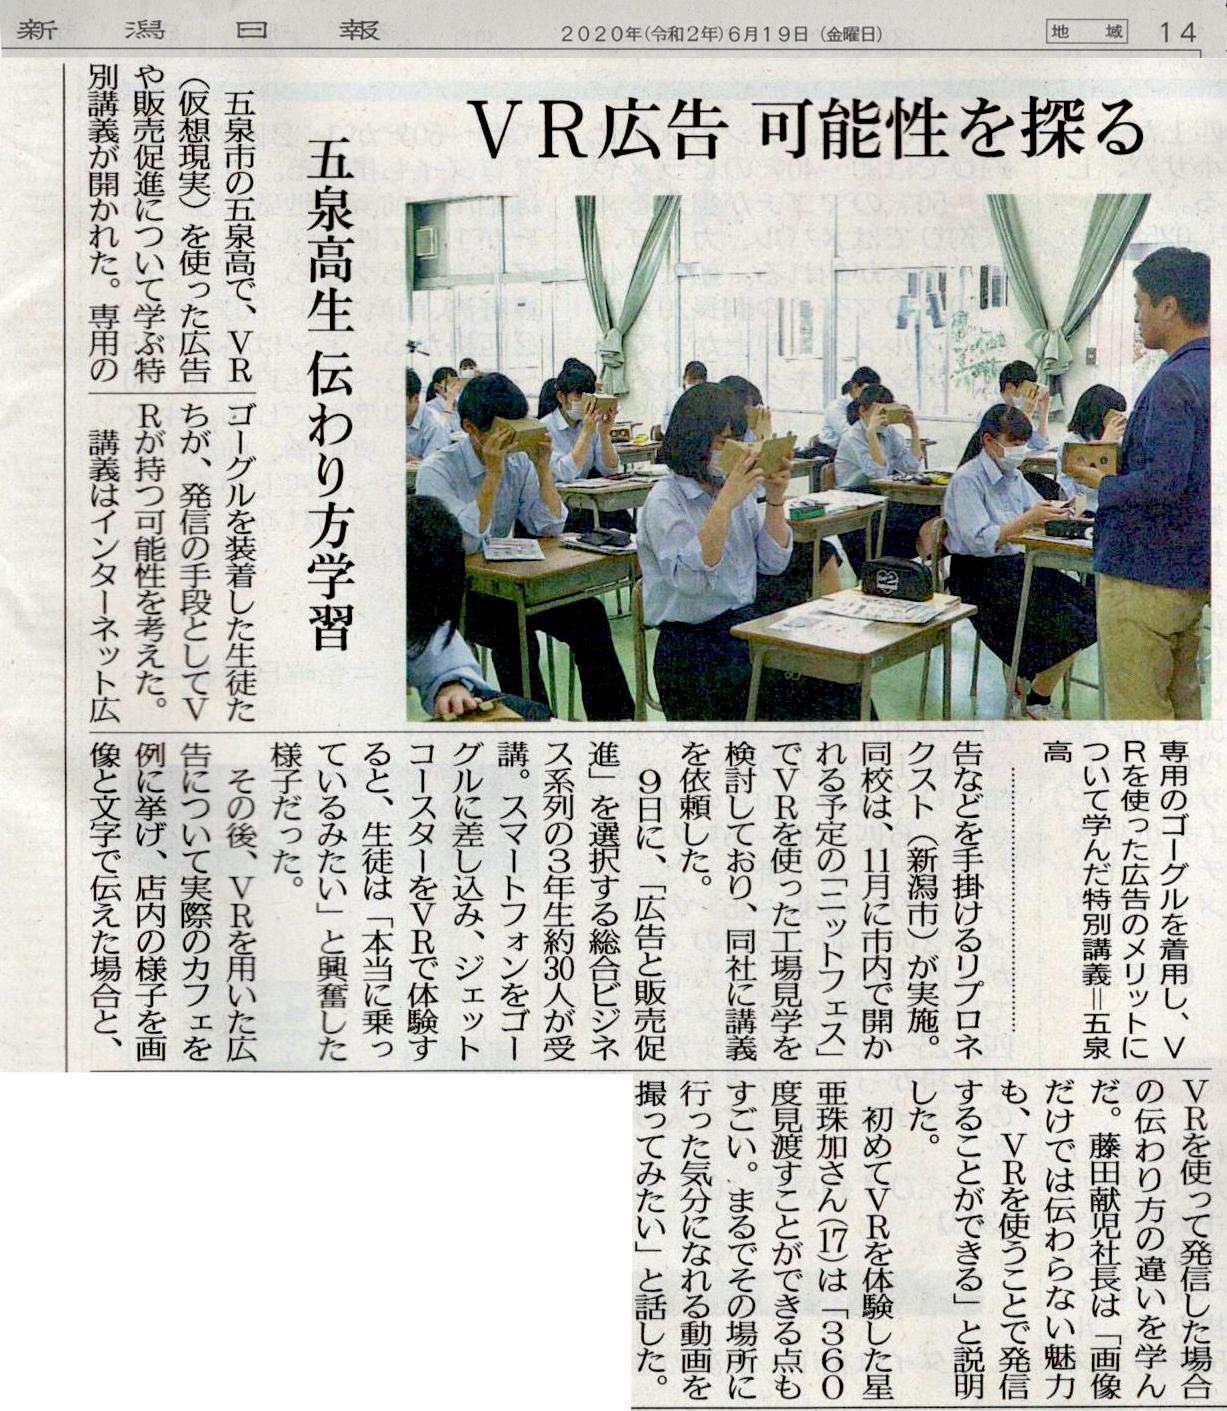 五泉高等学校で実施したVR授業の新潟日報掲載紙面